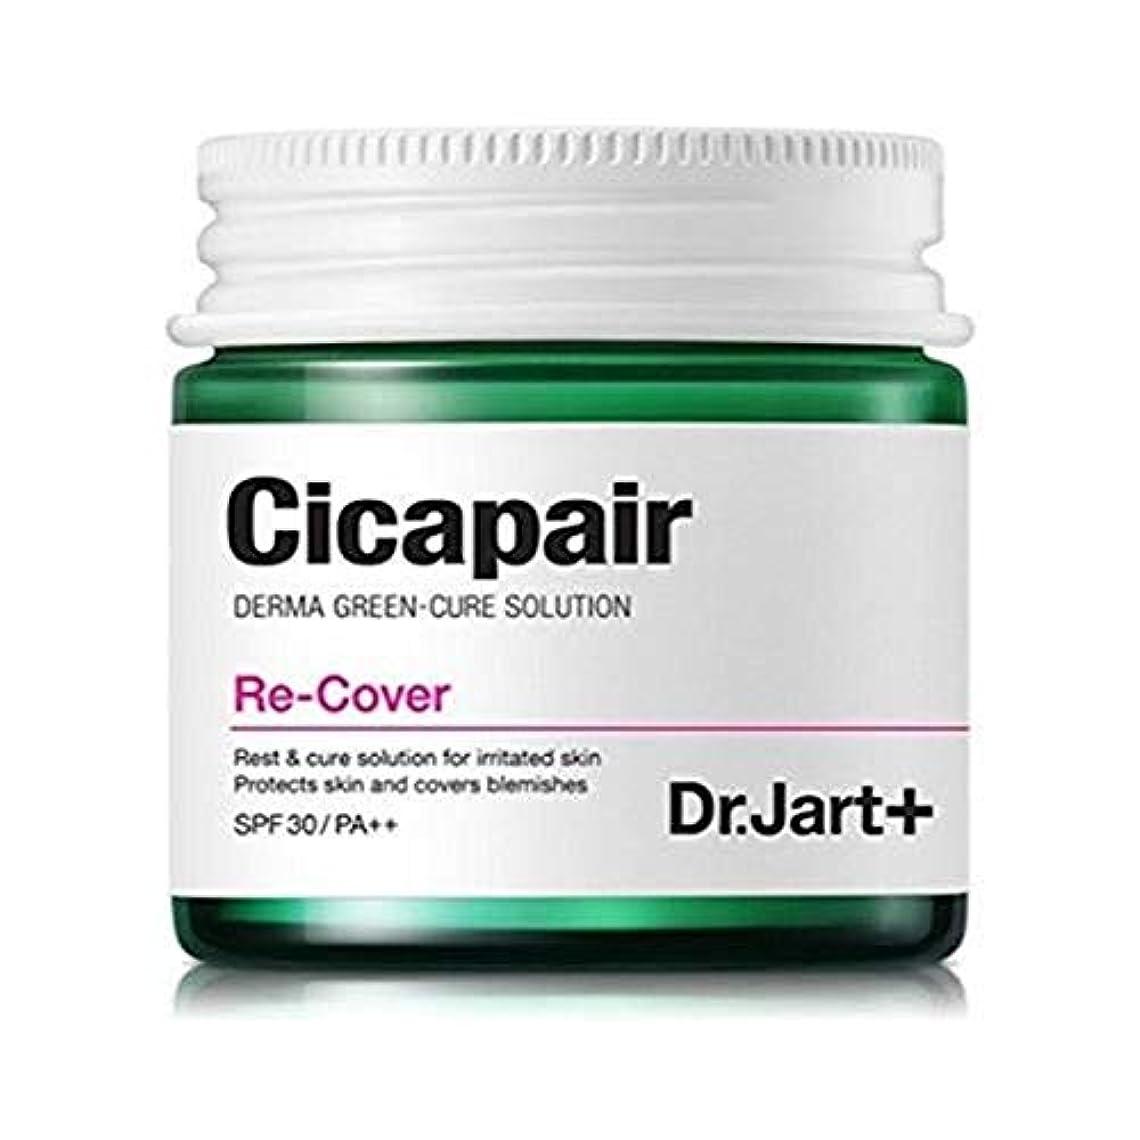 再編成するメイト主張[Dr.Jart+ Cicapair ReCover] ドクタ?ジャルトシカペアリカバ? 皮膚回復と保護紫?線カット ?砂ケア 韓?直送 SPF30/PA++